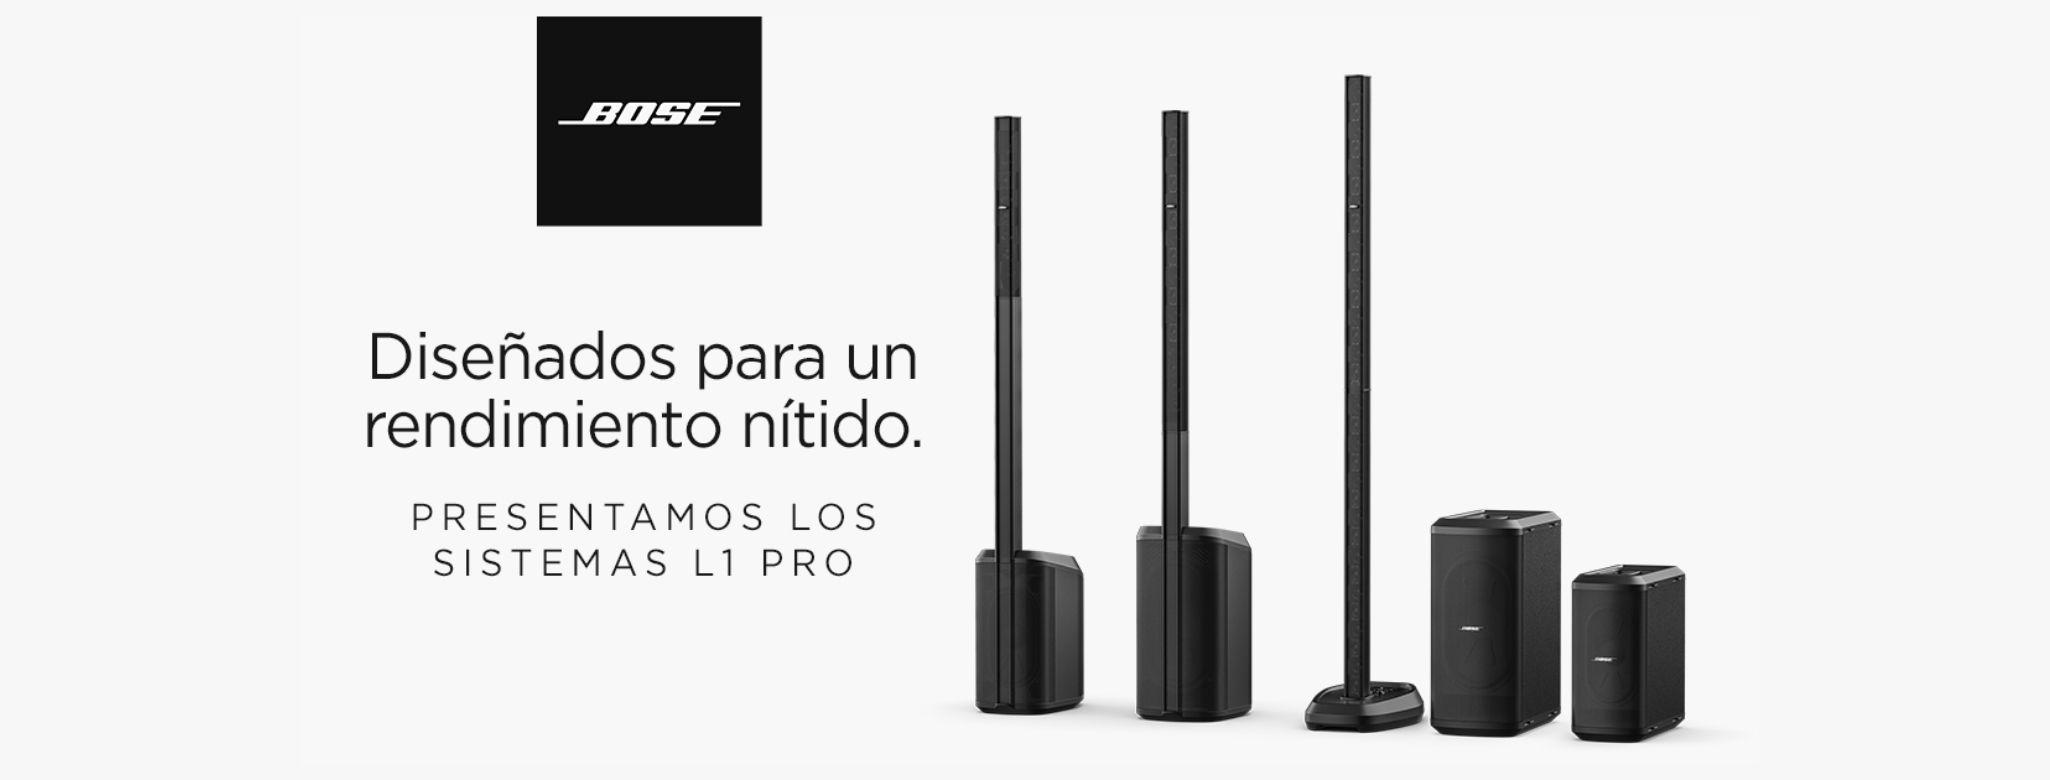 Bose presenta su nueva línea de sistemas de array lineal portátil L1 Pro